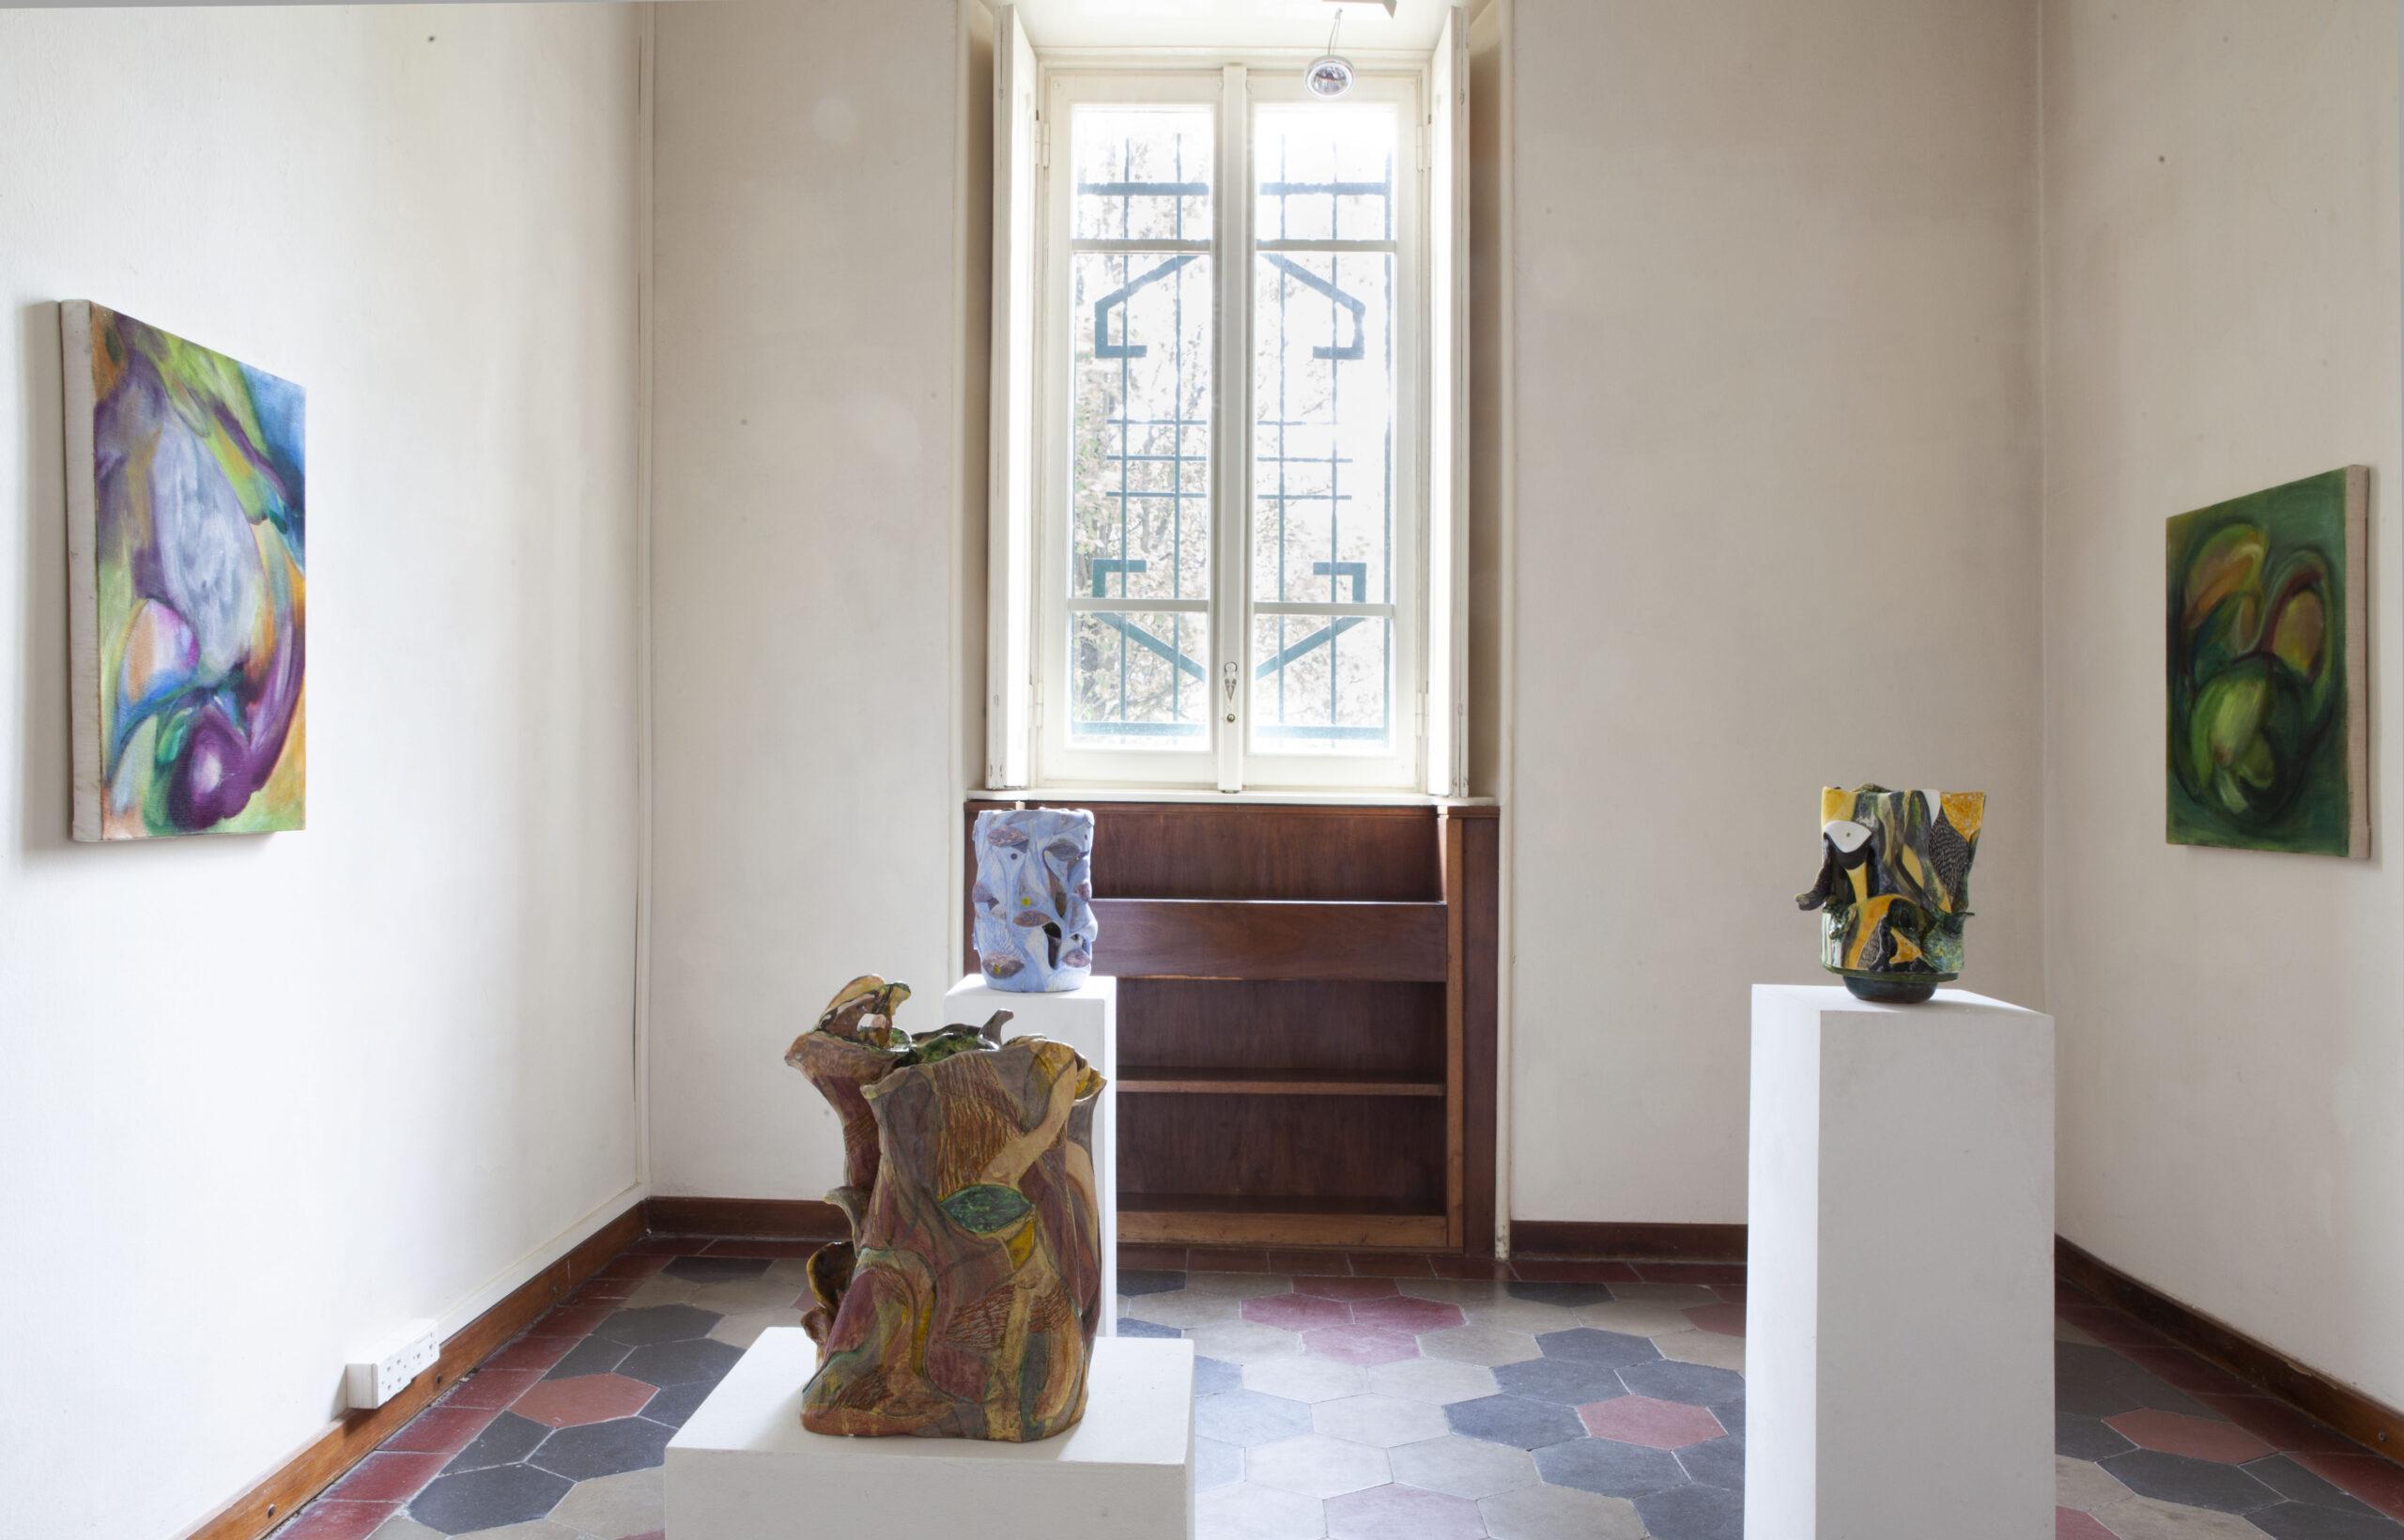 Casa Testori lancia Chang'e-4: pittura e scultura dialogano nella mostra della ripartenza